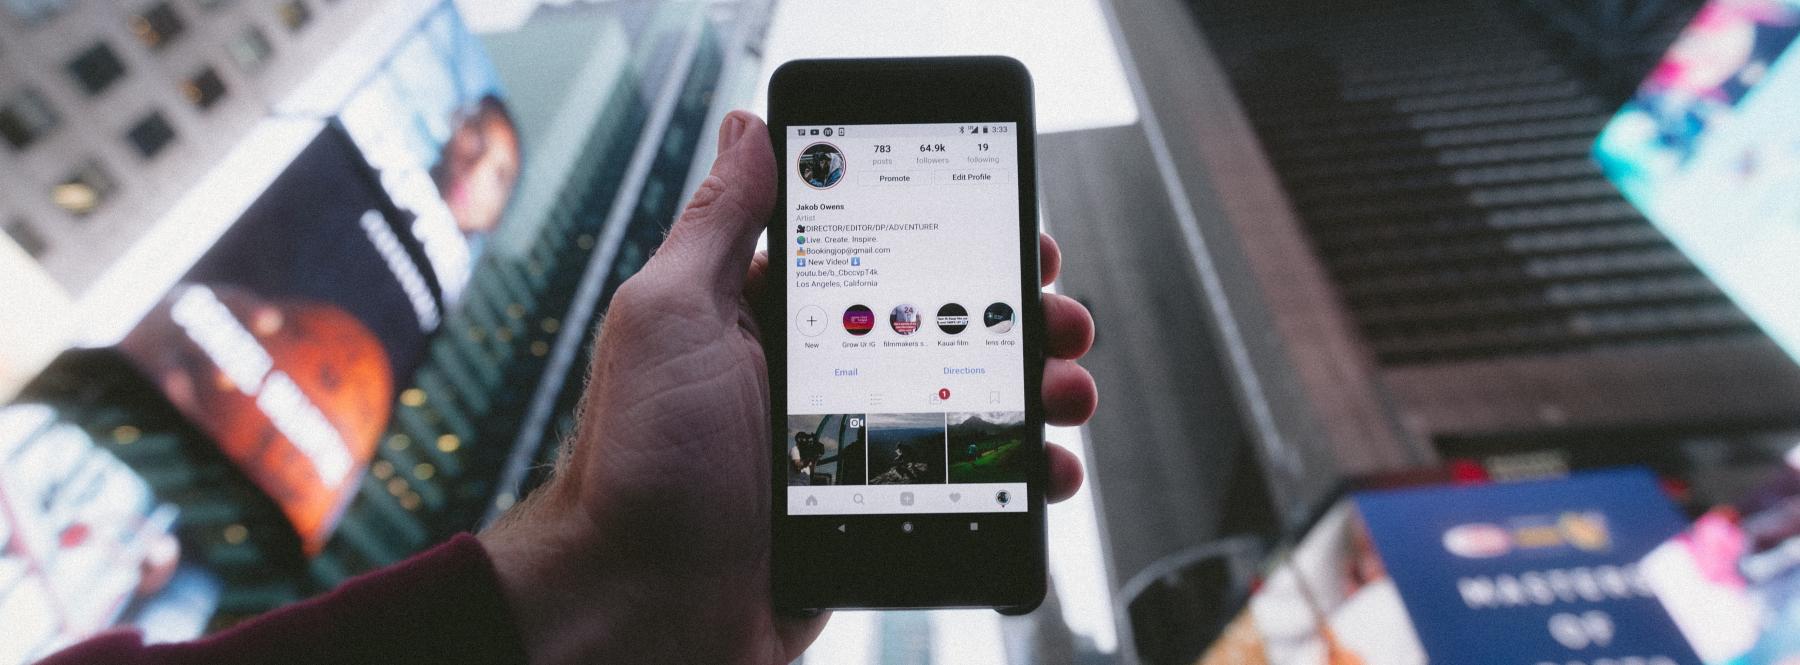 Y ahora, ¿qué es tendencia en Instagram?